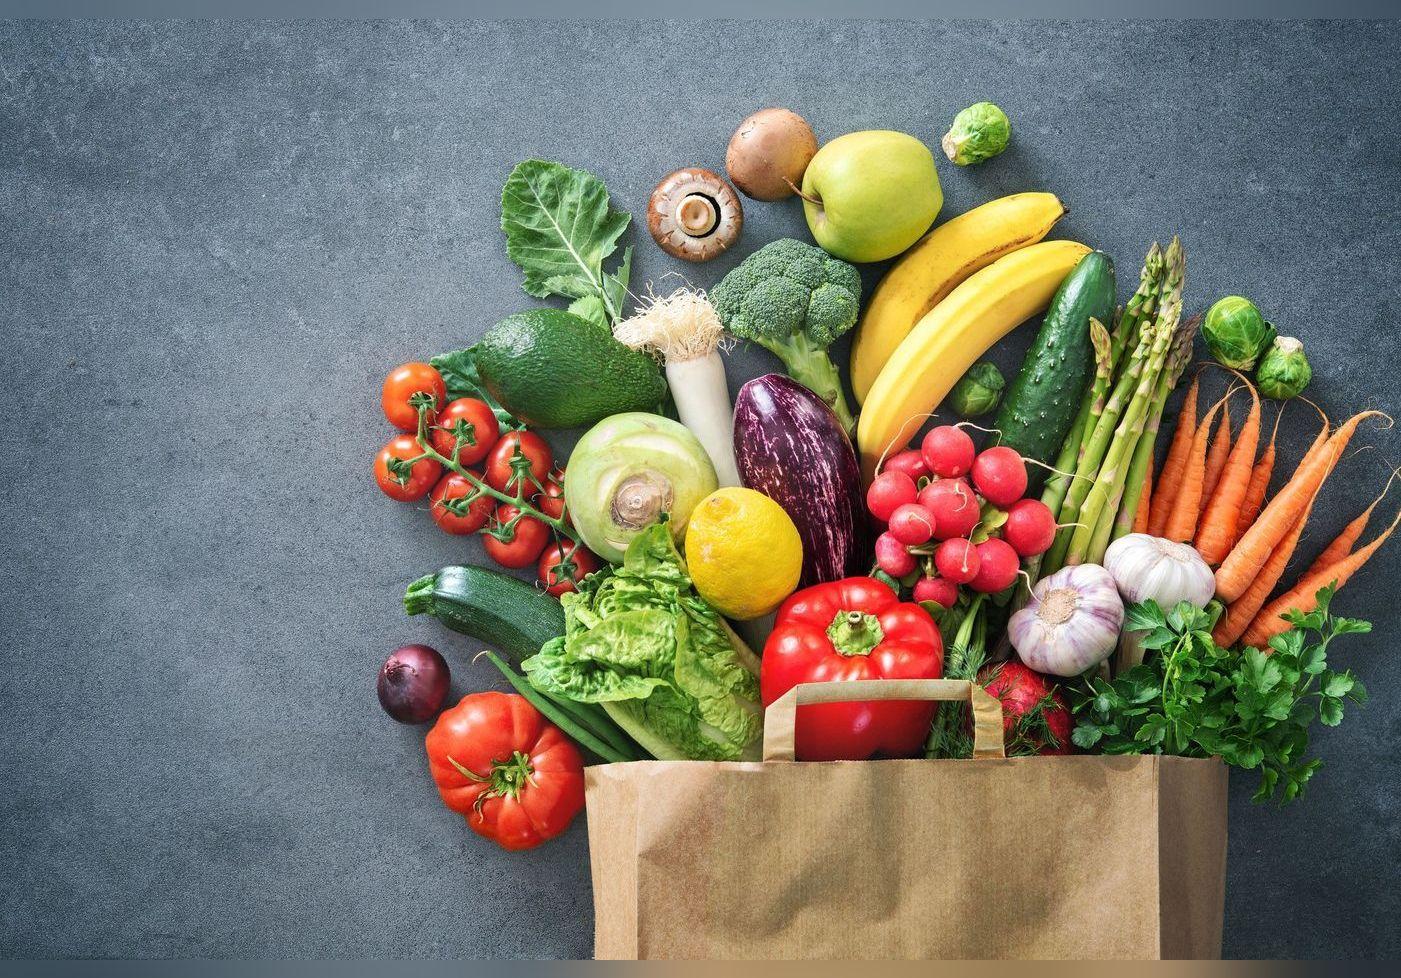 Voici les astuces pour conserver les fruits et légumes plus longtemps